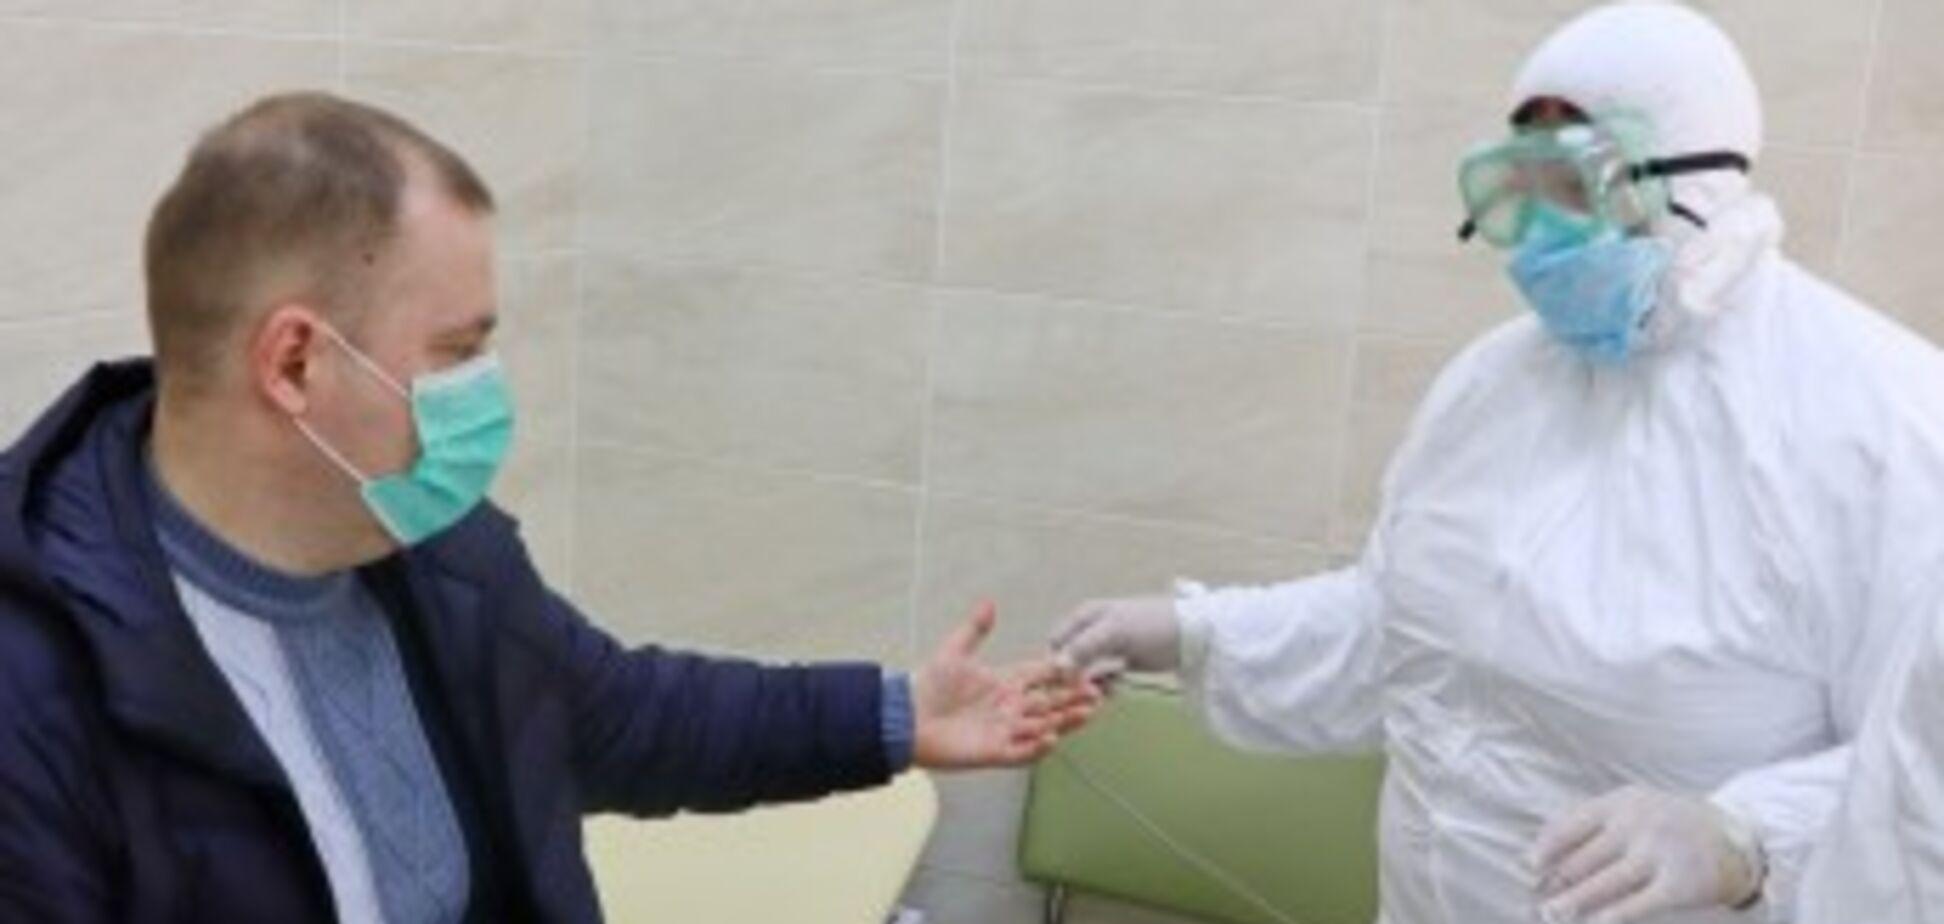 Подозрение на коронавирус в Одессе: врачи сообщили результаты тестов